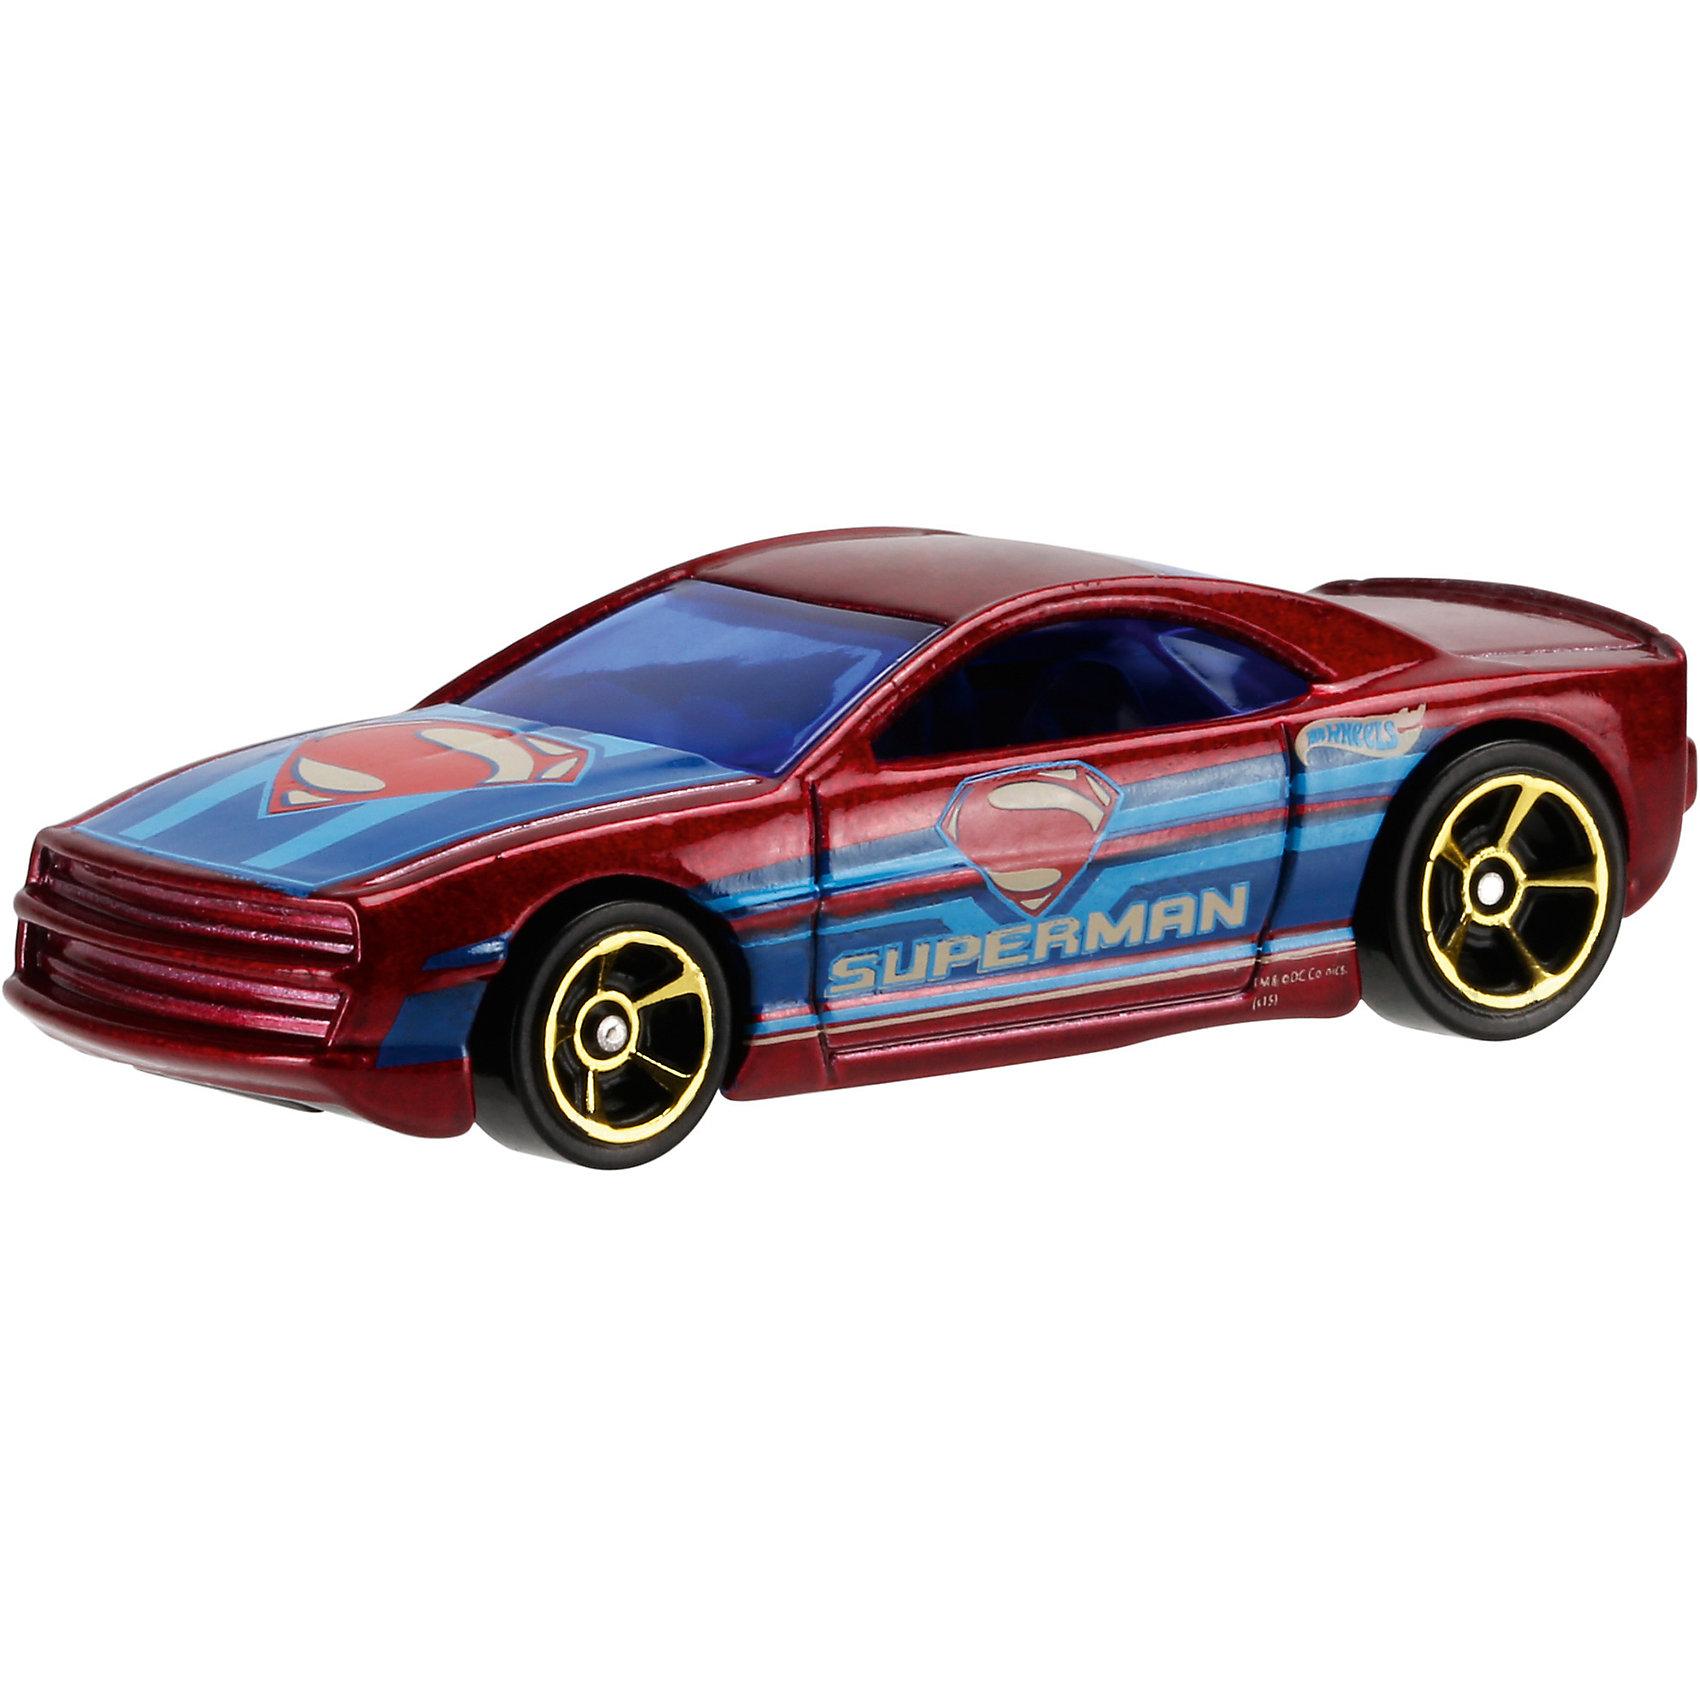 Машинка Бэтмен против Супермена, Hot WheelsОтличный подарок для любителей комиксов Marvel про супергероев - машинки от Hot Wheels. Машинка представляет собой модель, вдохновленную новым фильмом Бэтмен против Супермена: На заре справедливости. Из машинок в масштабе 1:64 можно собрать коллекцию! Игрушка выполнена так, что с виду она кажется точной копией настоящей машины супергероя благодаря внимательному отношению к деталям. Колесики машинки вращаются.<br>Игрушка имеет такой размер, при котором ребенку удобно держать её в руках, а также брать с собой в гости или на прогулку. Такие игрушки помогают развить мелкую моторику, логическое мышление и воображение ребенка. Эта игрушка выполнена из высококачественного прочного пластика, безопасного для детей.<br>  <br>Дополнительная информация:<br><br>масштаб: 1:64; <br>размер упаковки: 35 х 110 х 165 мм; <br>цвет: разноцветный;<br>материал: пластик., металл;<br>вес: 58 г.<br><br>Машинку Бэтмен против Супермена, Hot Wheels от компании Mattel можно купить в нашем магазине.<br><br>Ширина мм: 35<br>Глубина мм: 110<br>Высота мм: 165<br>Вес г: 58<br>Возраст от месяцев: 48<br>Возраст до месяцев: 84<br>Пол: Мужской<br>Возраст: Детский<br>SKU: 4791169